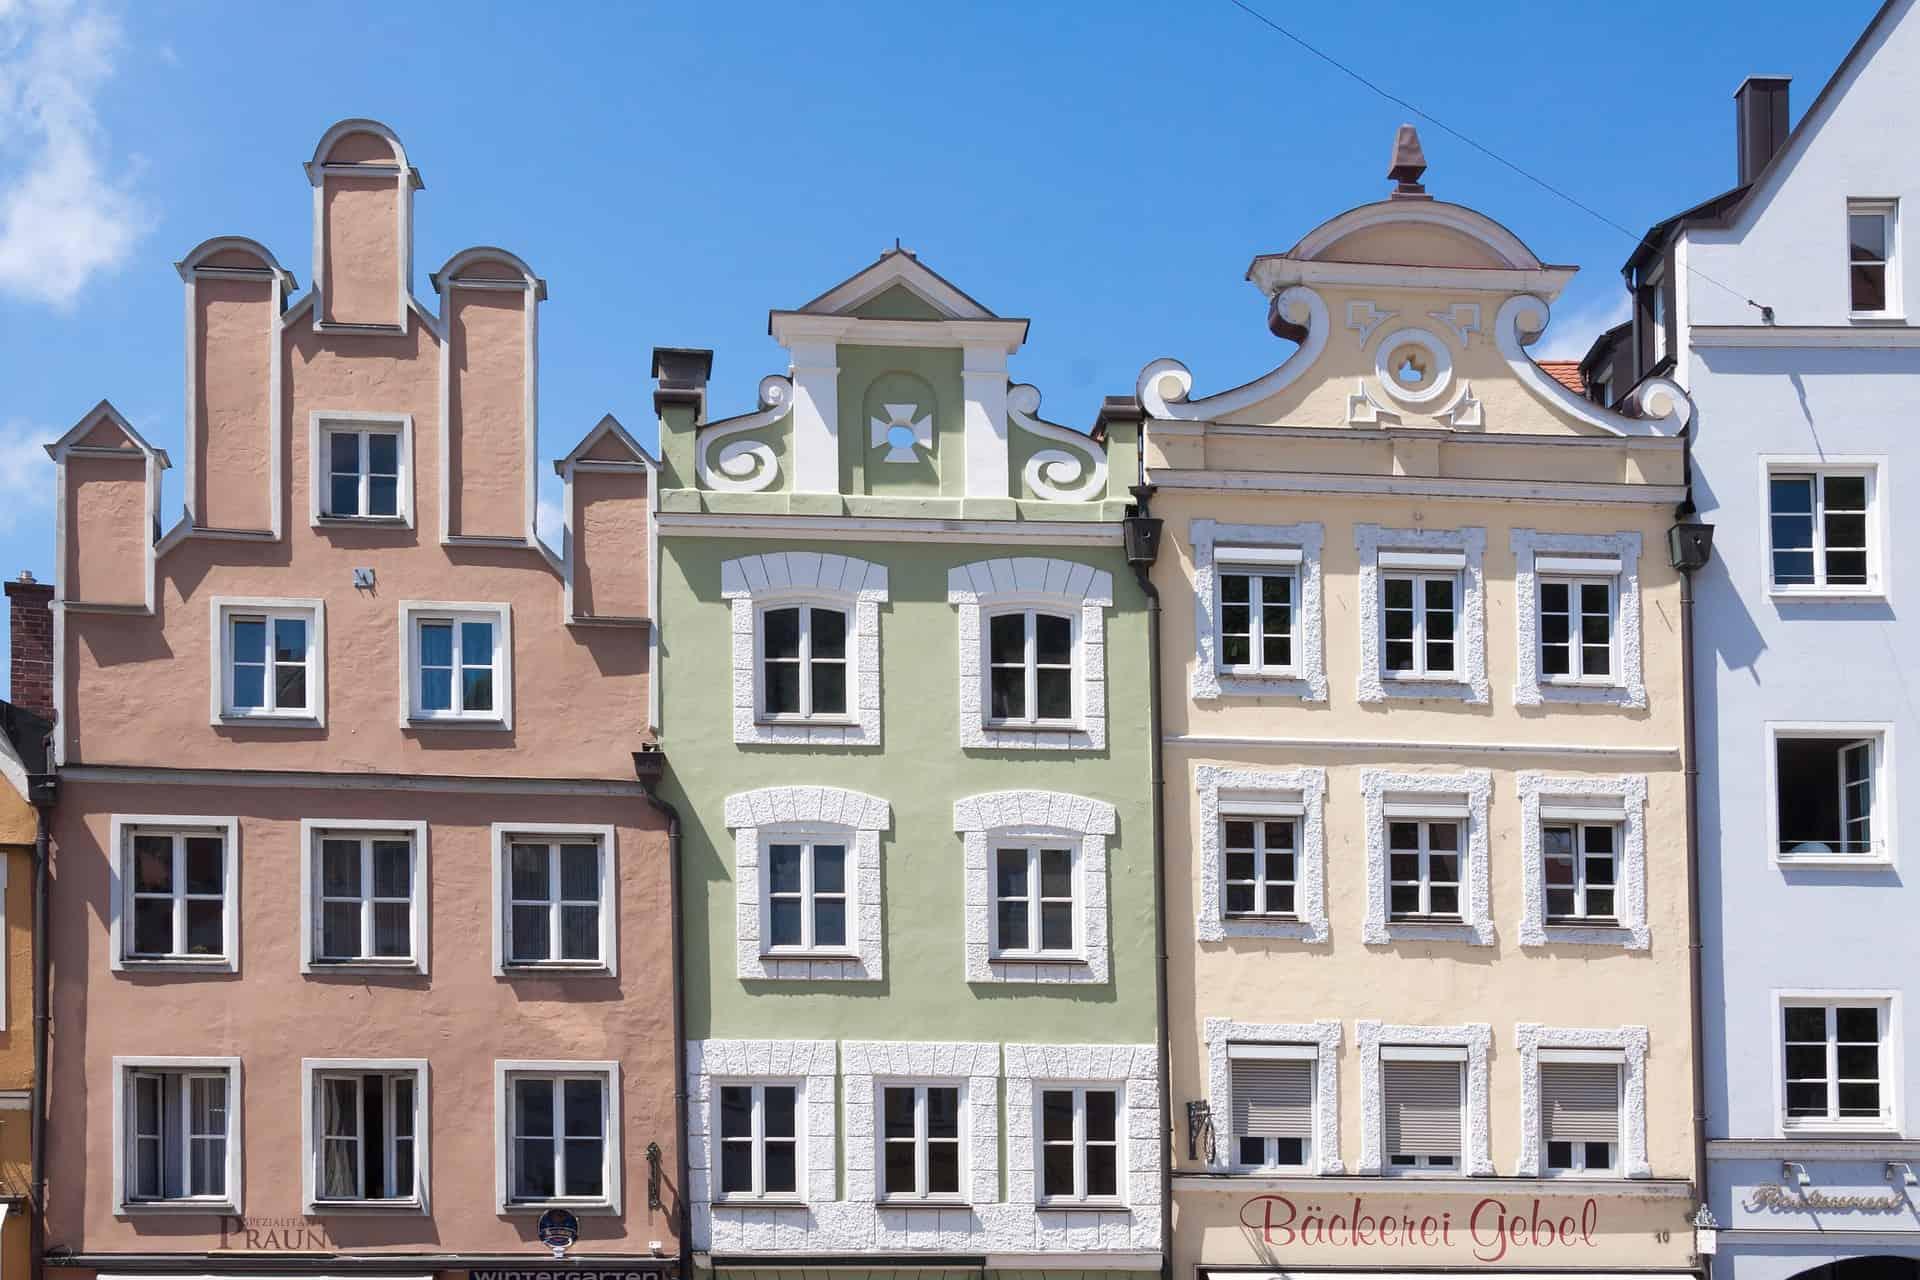 Fassaden reichen sogar bis ins frühe Mittelalter zurück